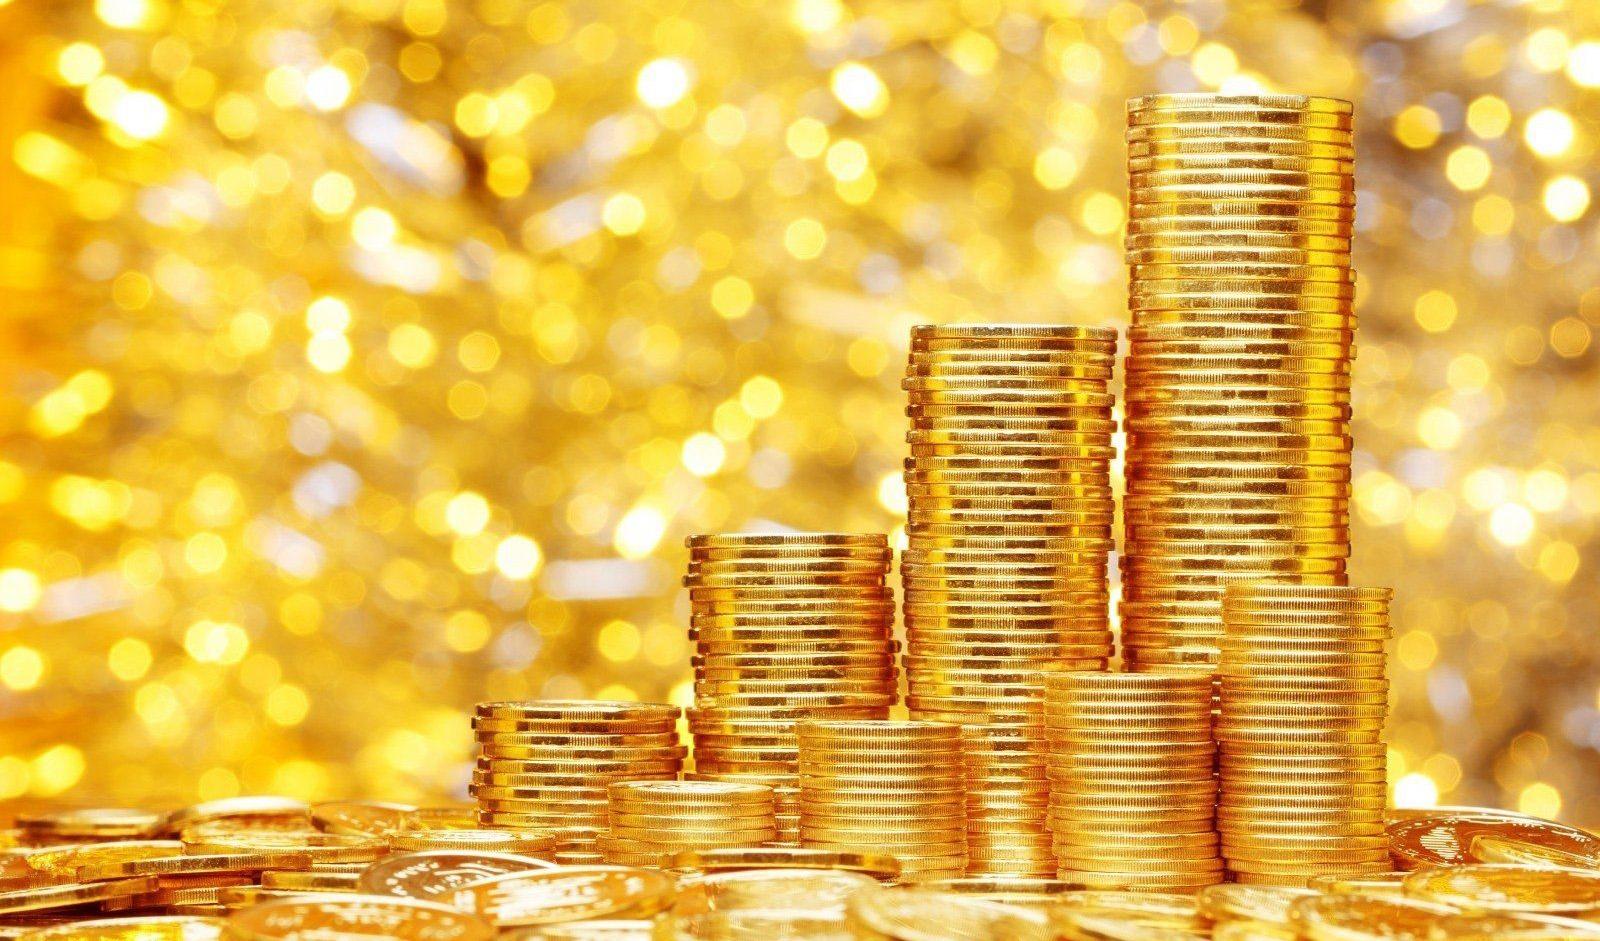 ثبات در بازار سکه و طلا حاکم است